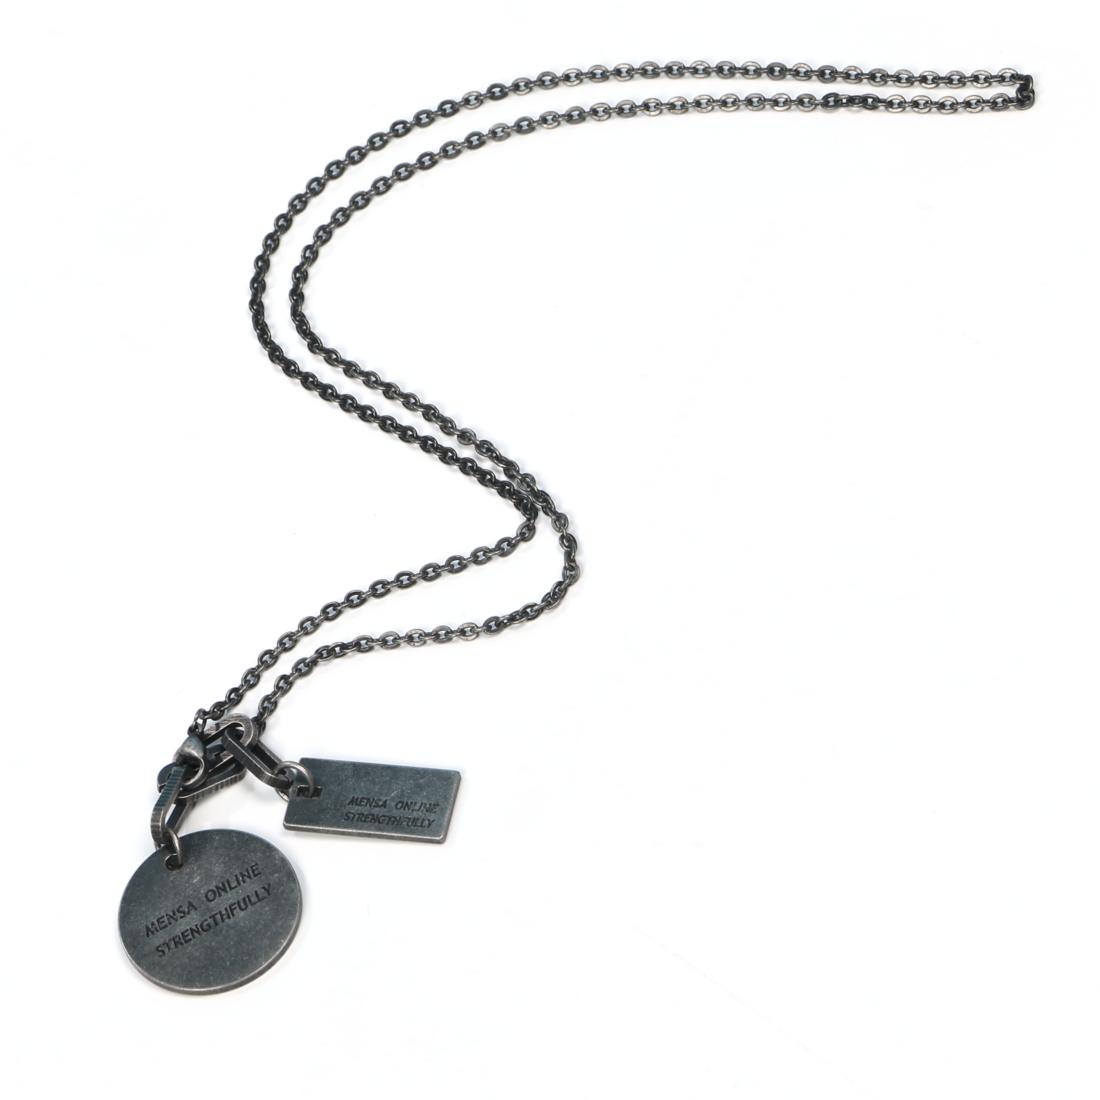 サークル×プレートネックレス 黒